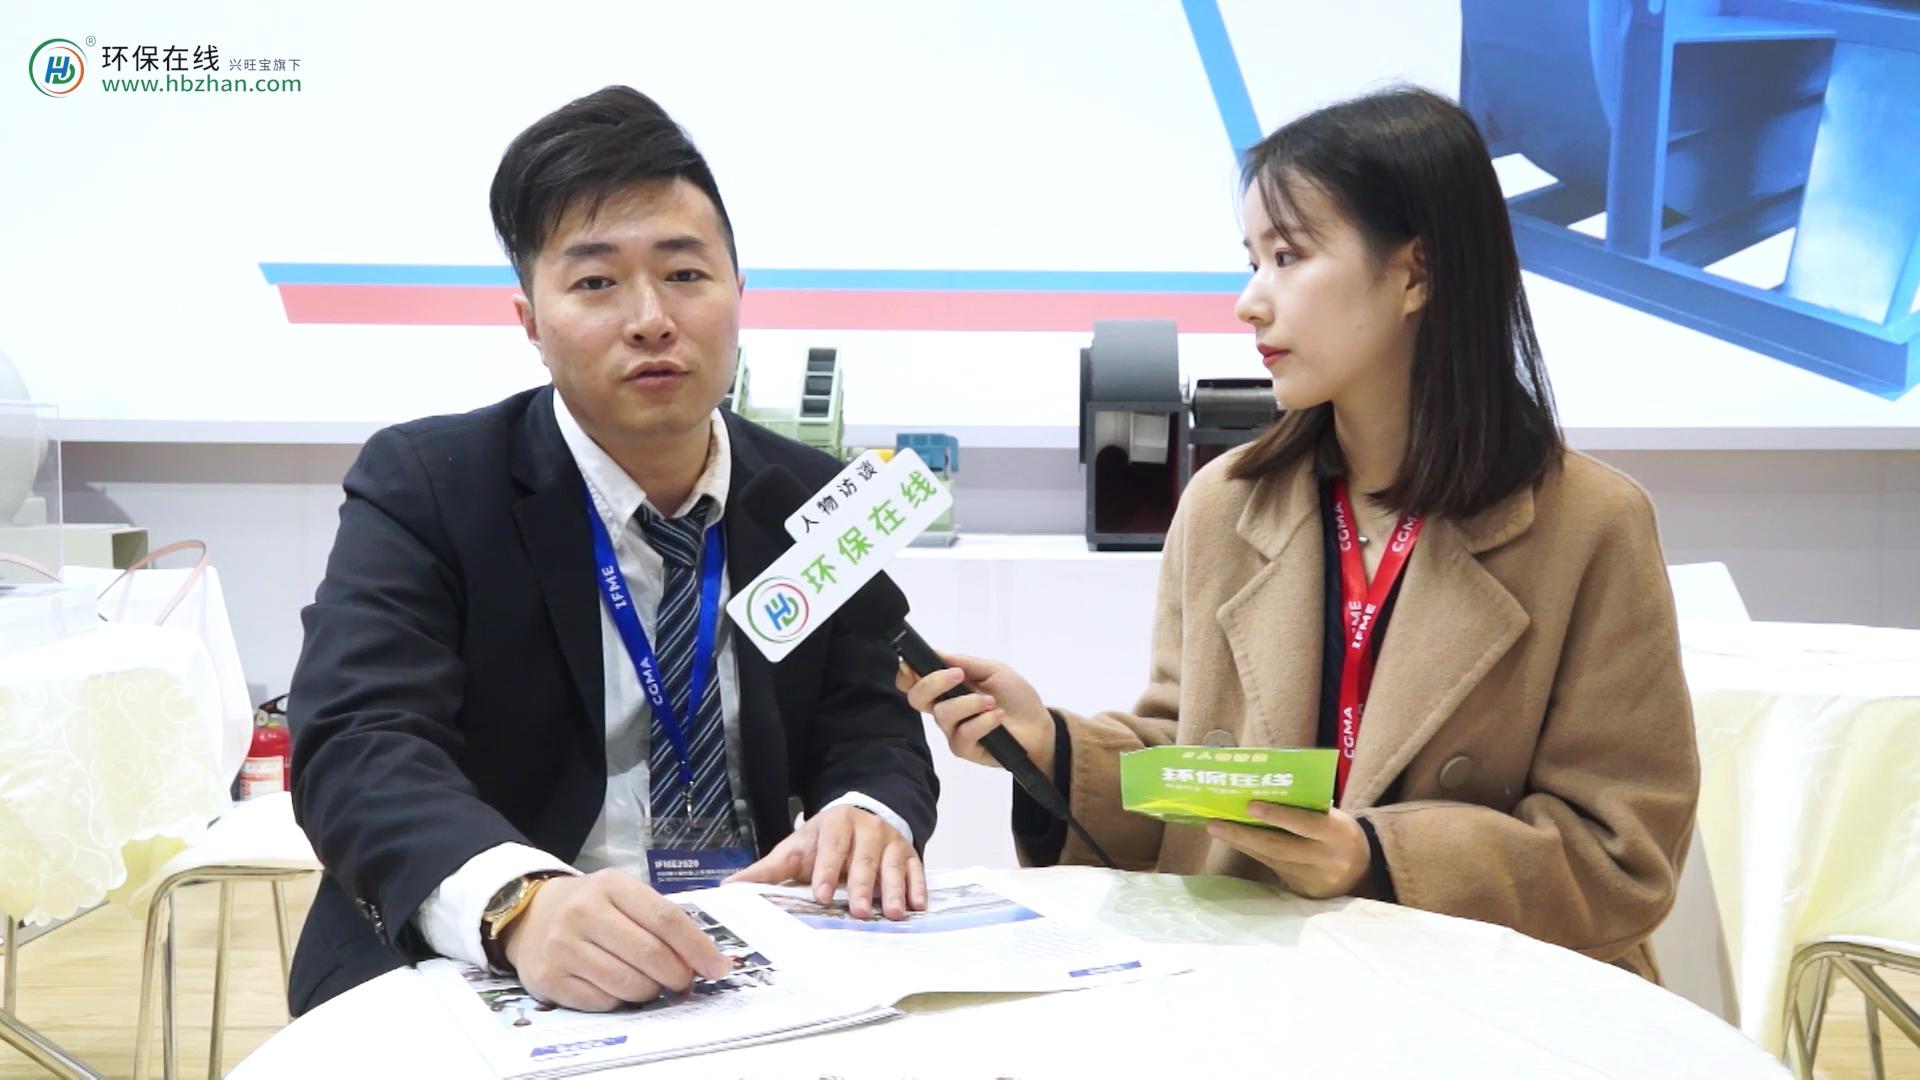 专访:上海通用风机股份有限公司常务副总 曹闽申